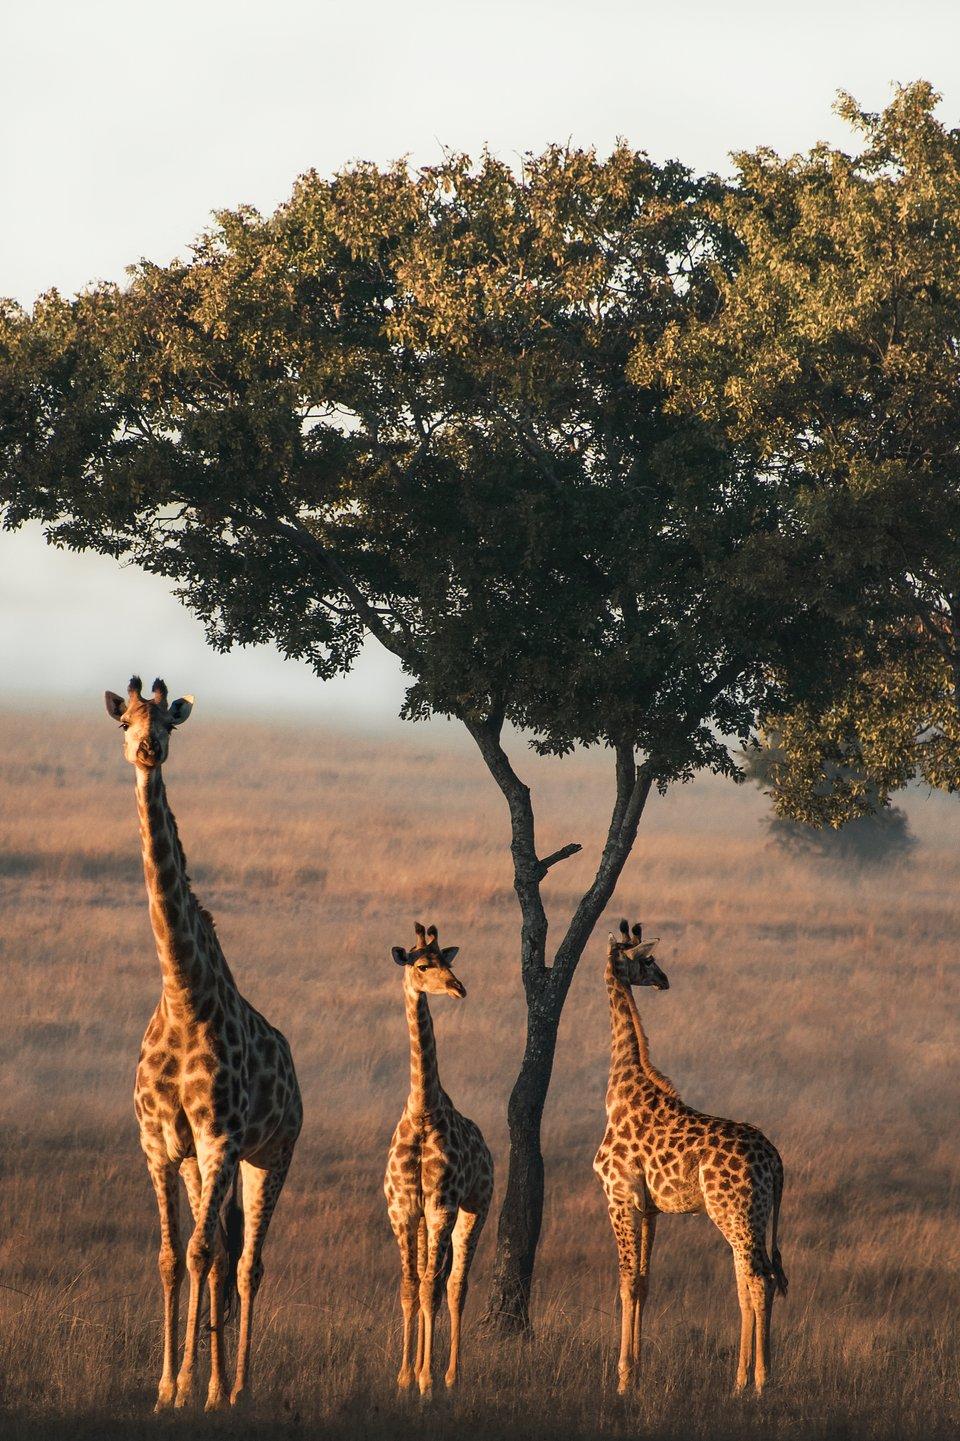 Location: Imire Rhino & Wildlife Conservation, Zimbabwe